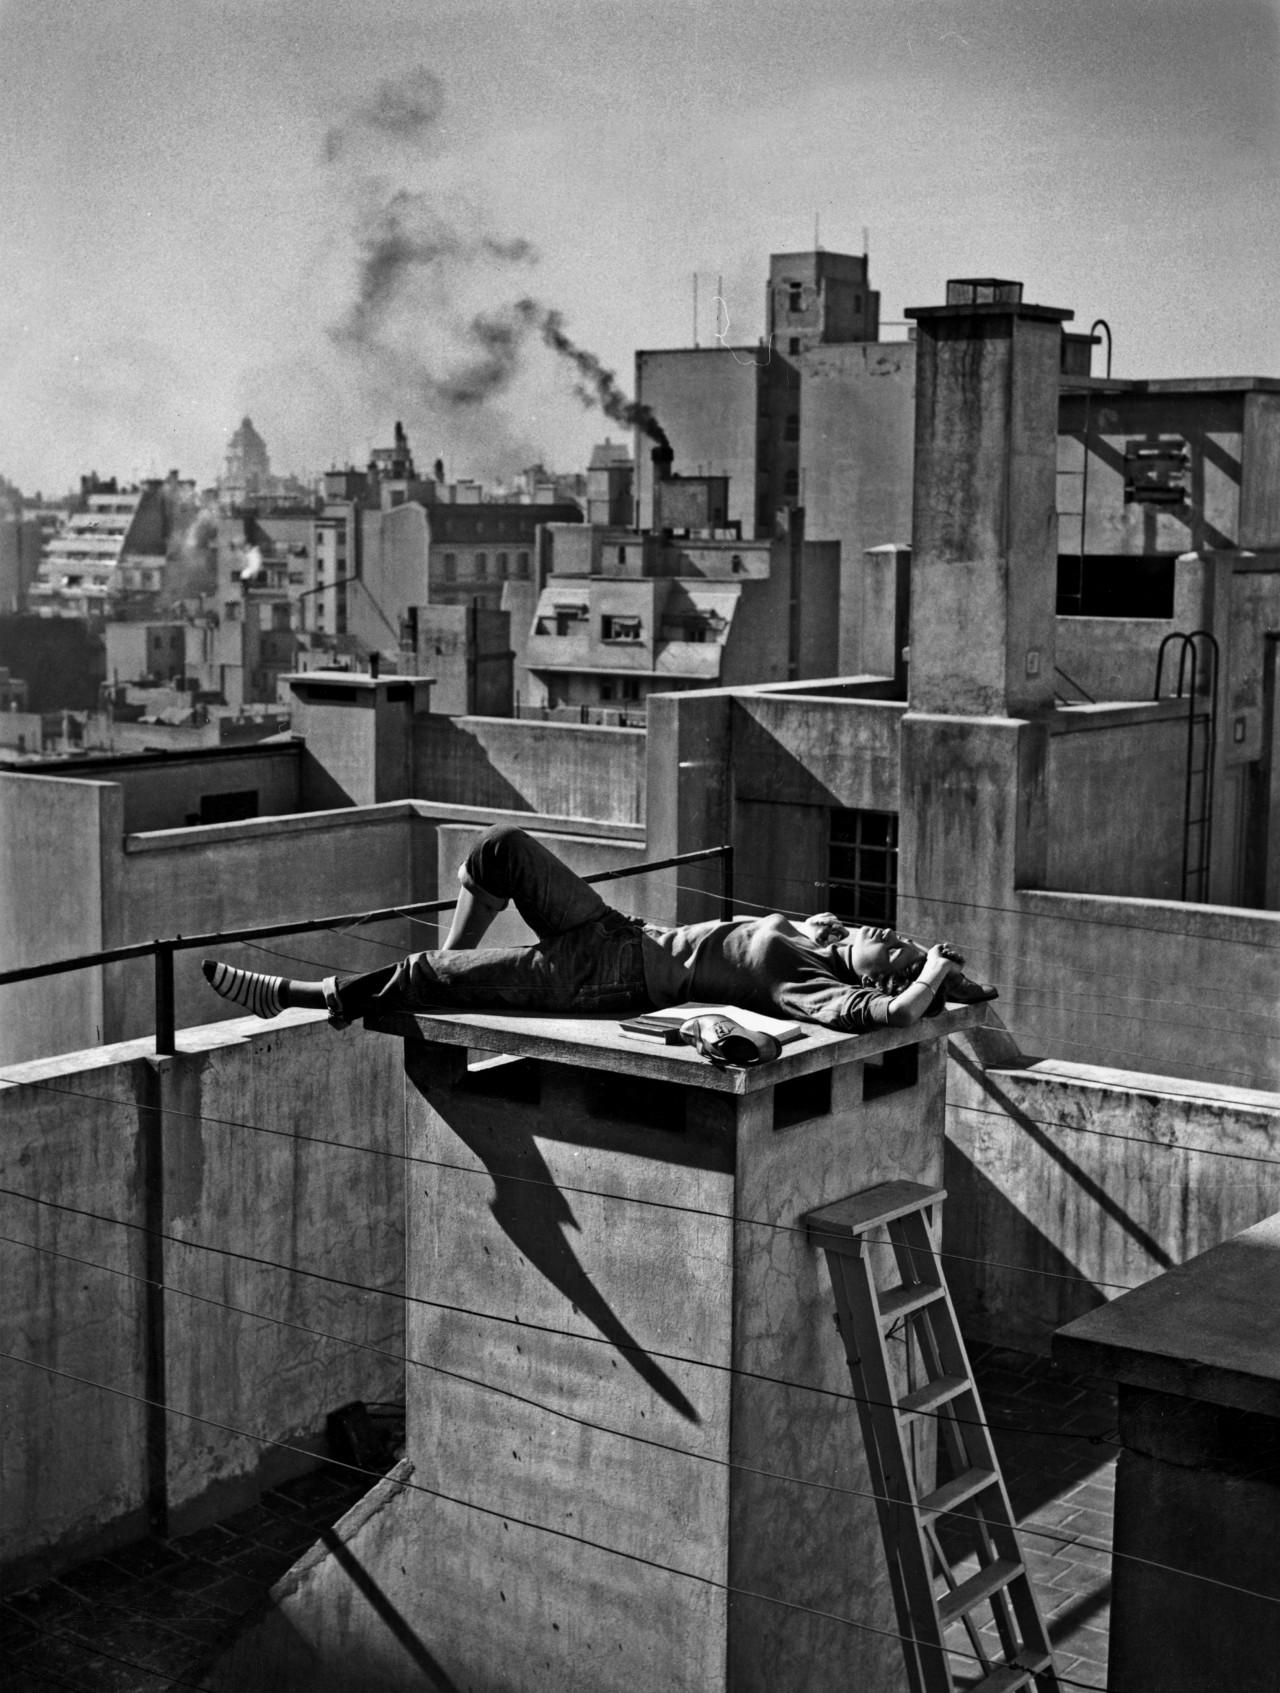 Лето в городе, 1959. Фотограф Аннемари Генрих